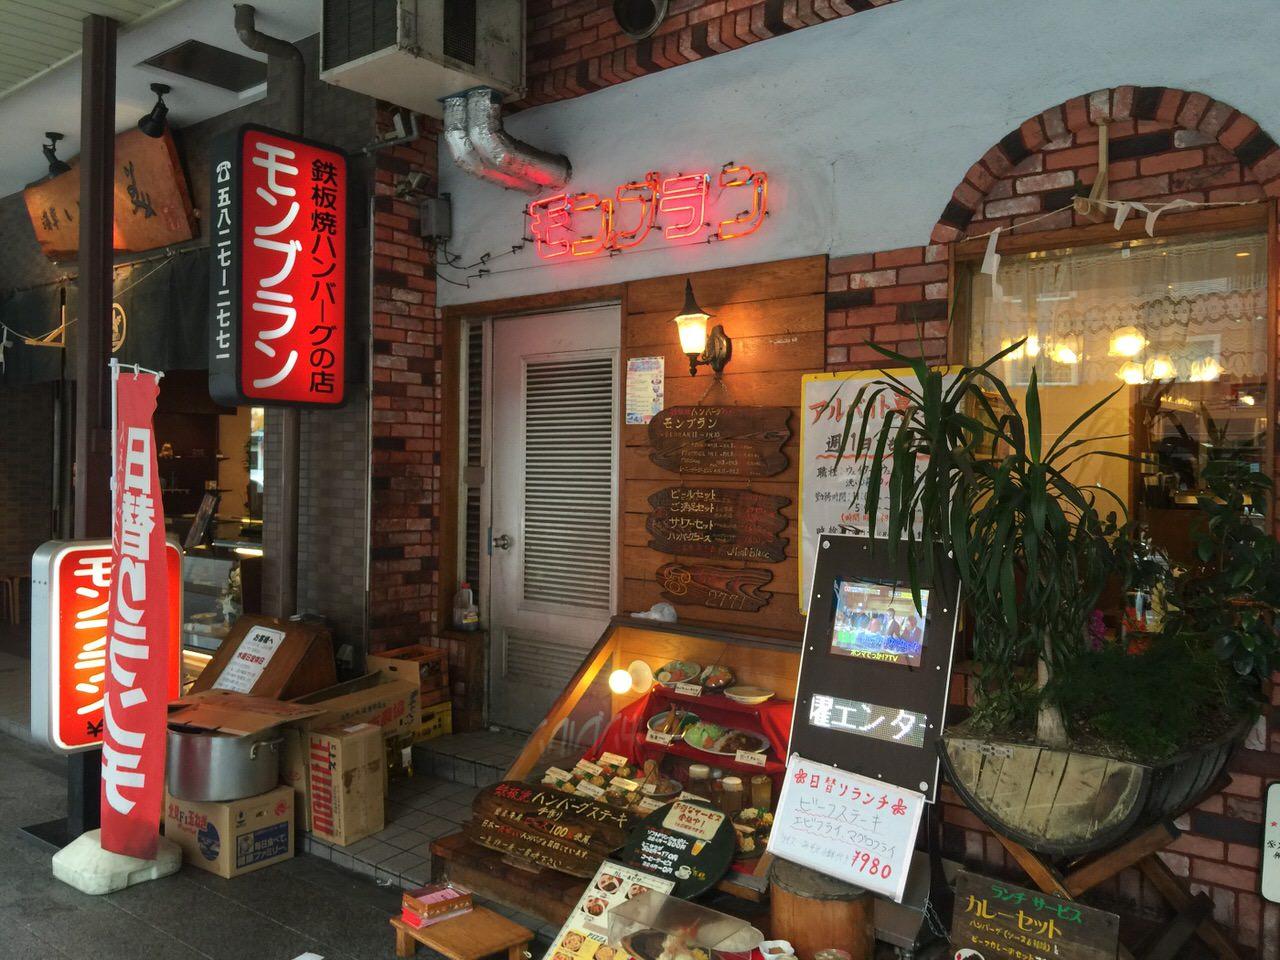 「モンブラン(浅草)」老舗鉄板焼きハンバーグの店でオランダ風を食す!そして平日4,380円の食べ放題飲み放題メニューに驚愕することに‥‥